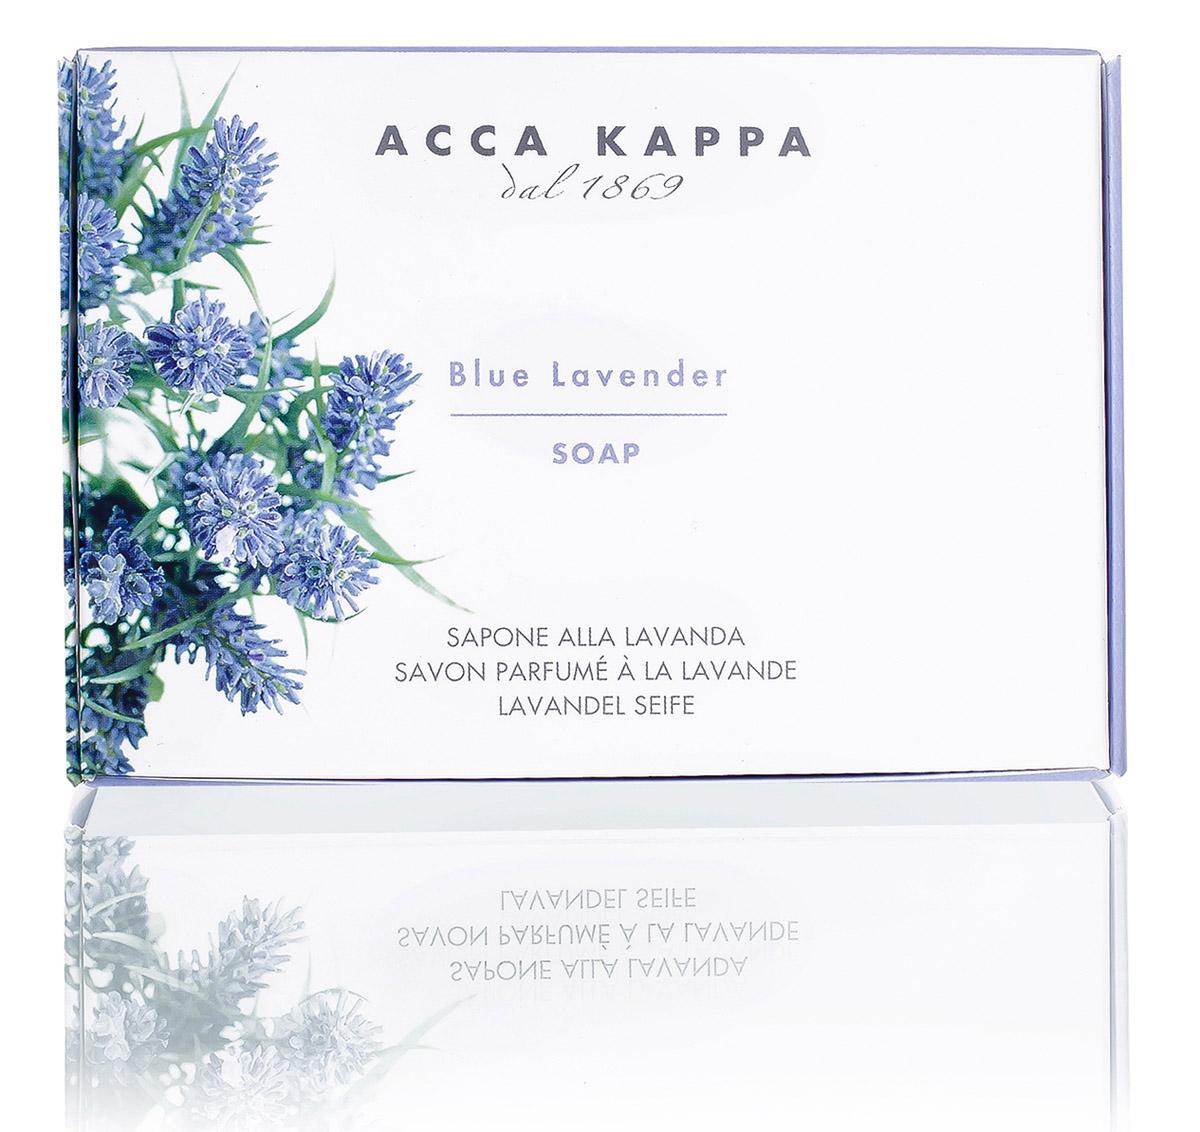 Acca Kappa Мыло туалетное Лаванда 150 гр071-6-2634Мыло создано с использованием традиционных методов из сырья исключительно растительного происхождения.